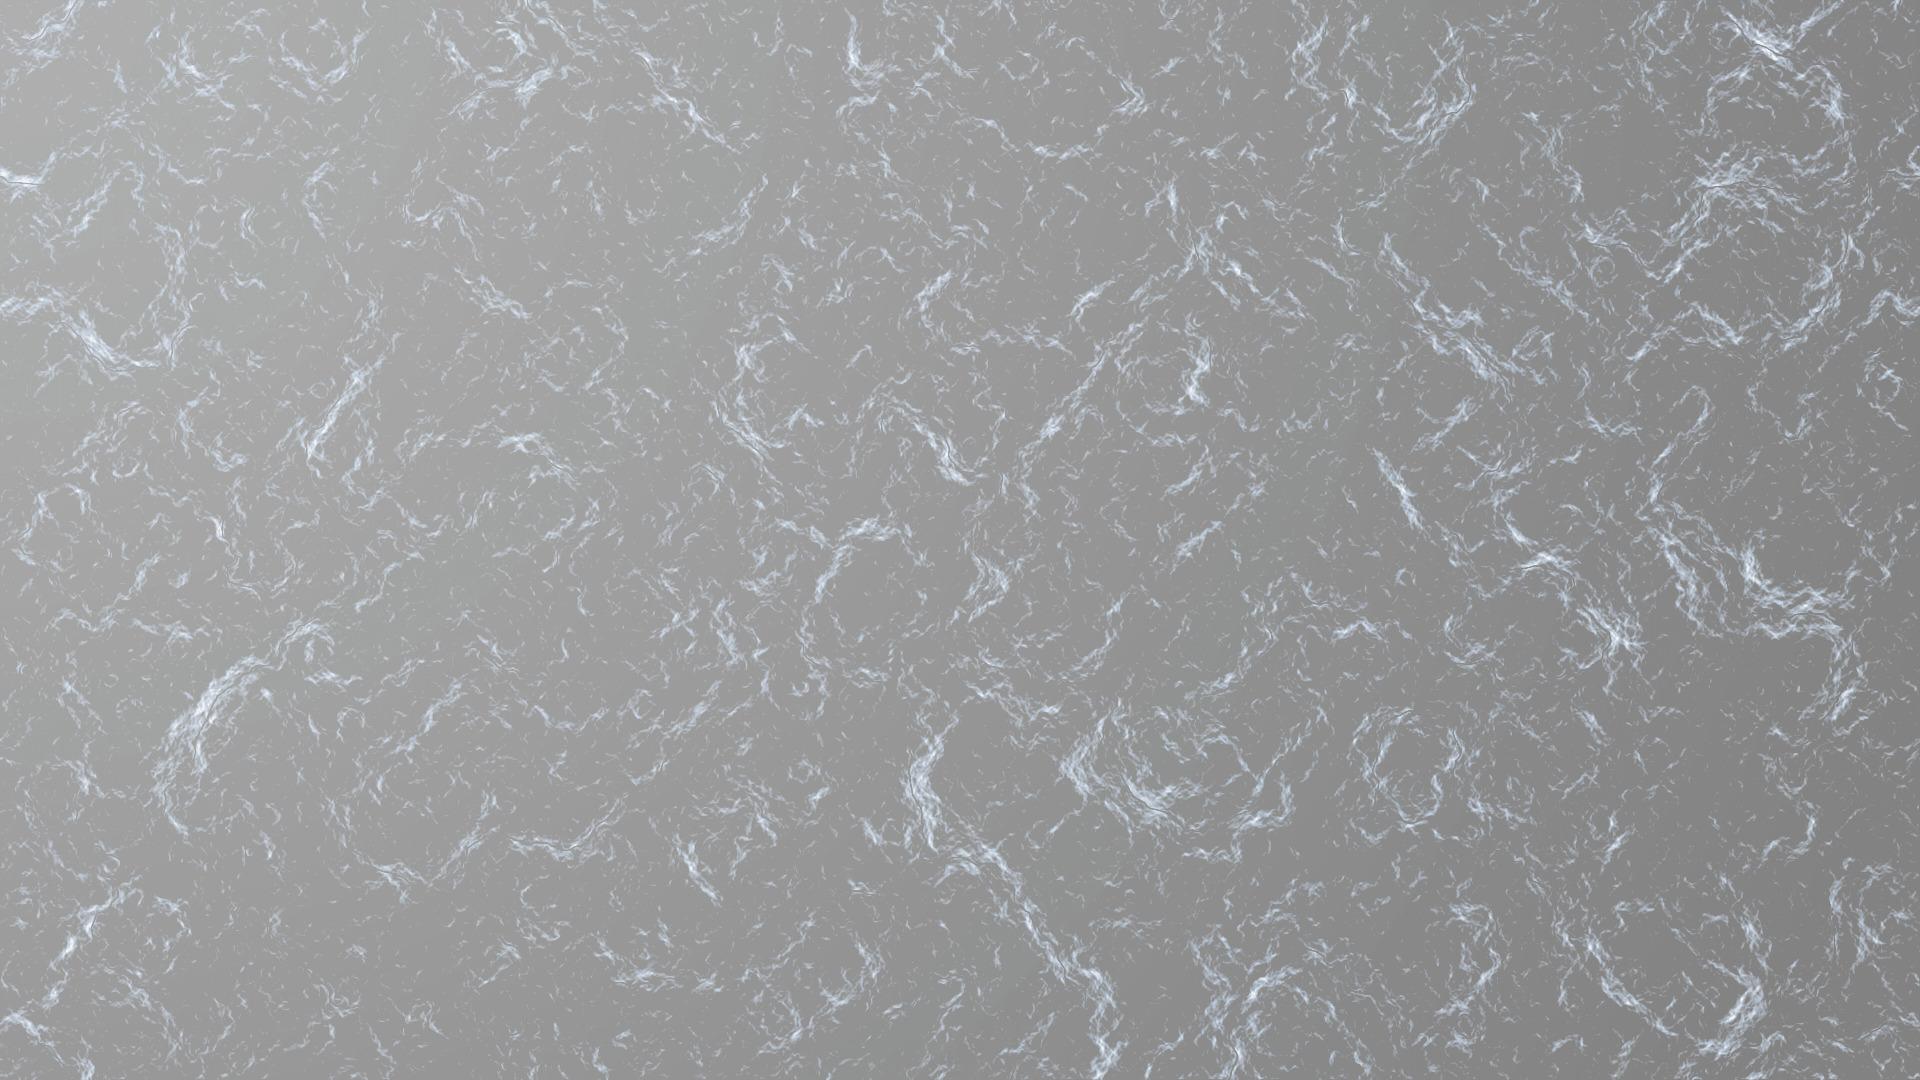 大理石柄 壁紙背景画像_dairiseki4-min